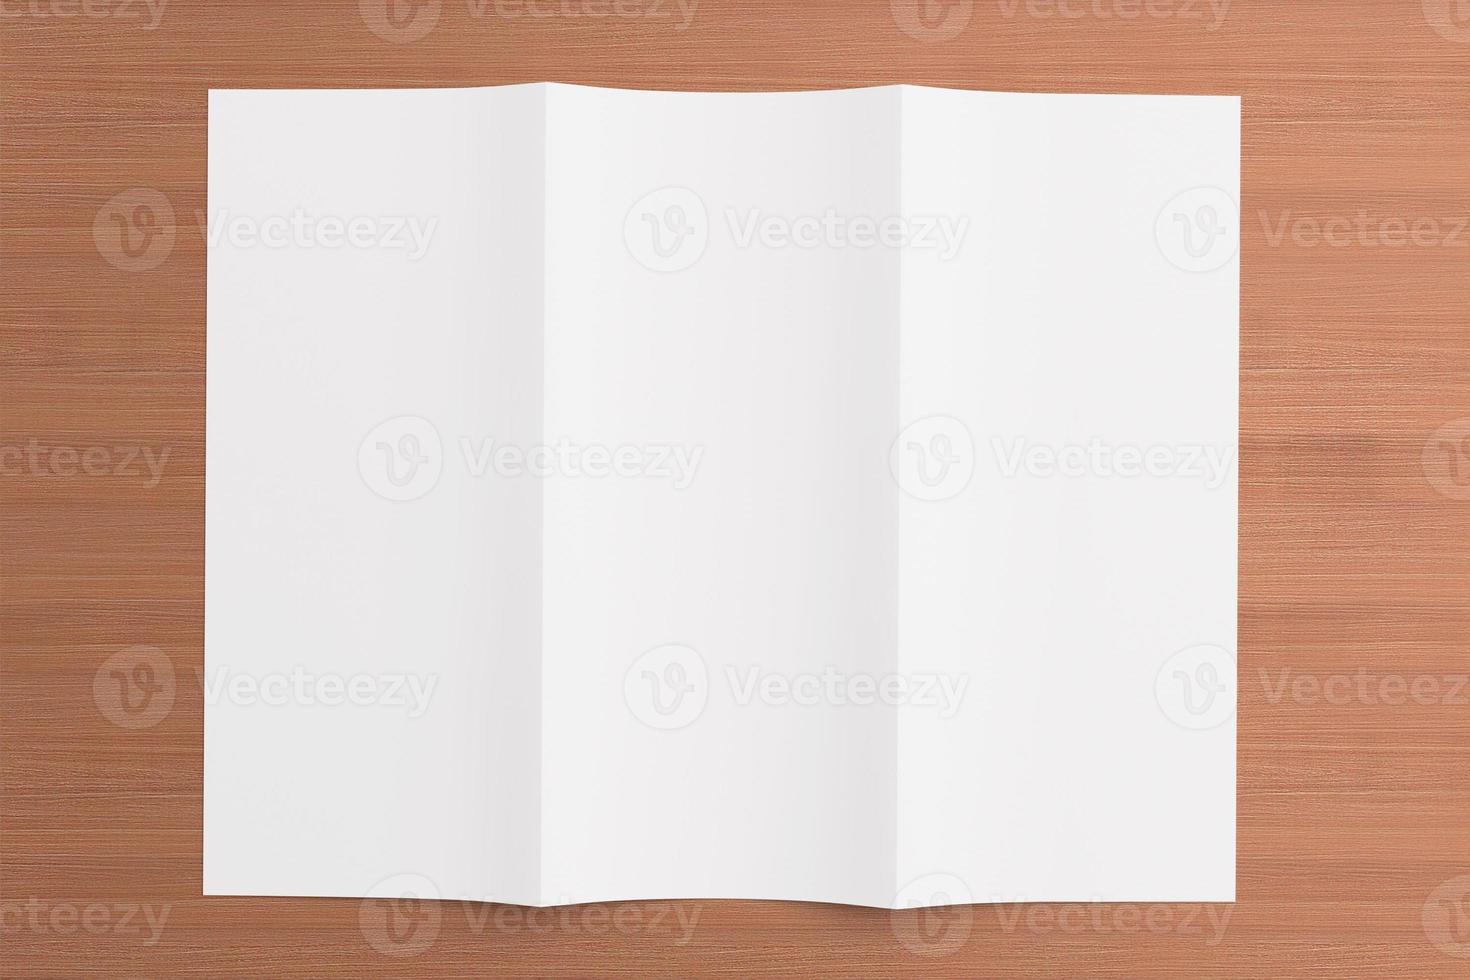 leere dreifach gefaltete Broschüre auf hölzernem Hintergrund foto